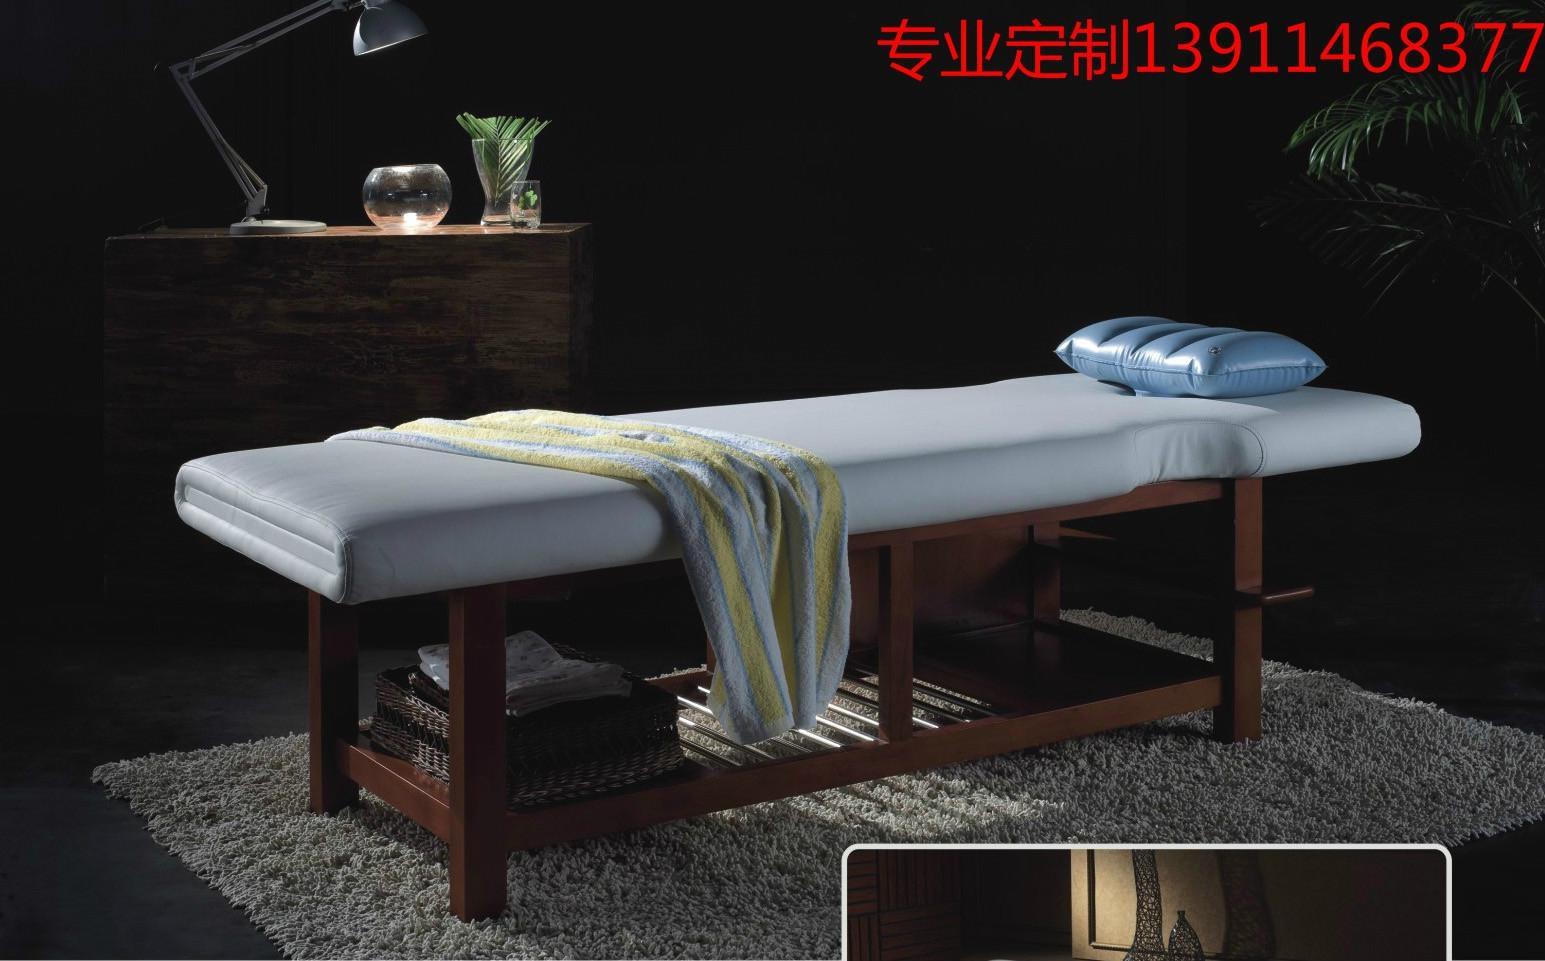 洗浴不鏽鋼搓澡床 3